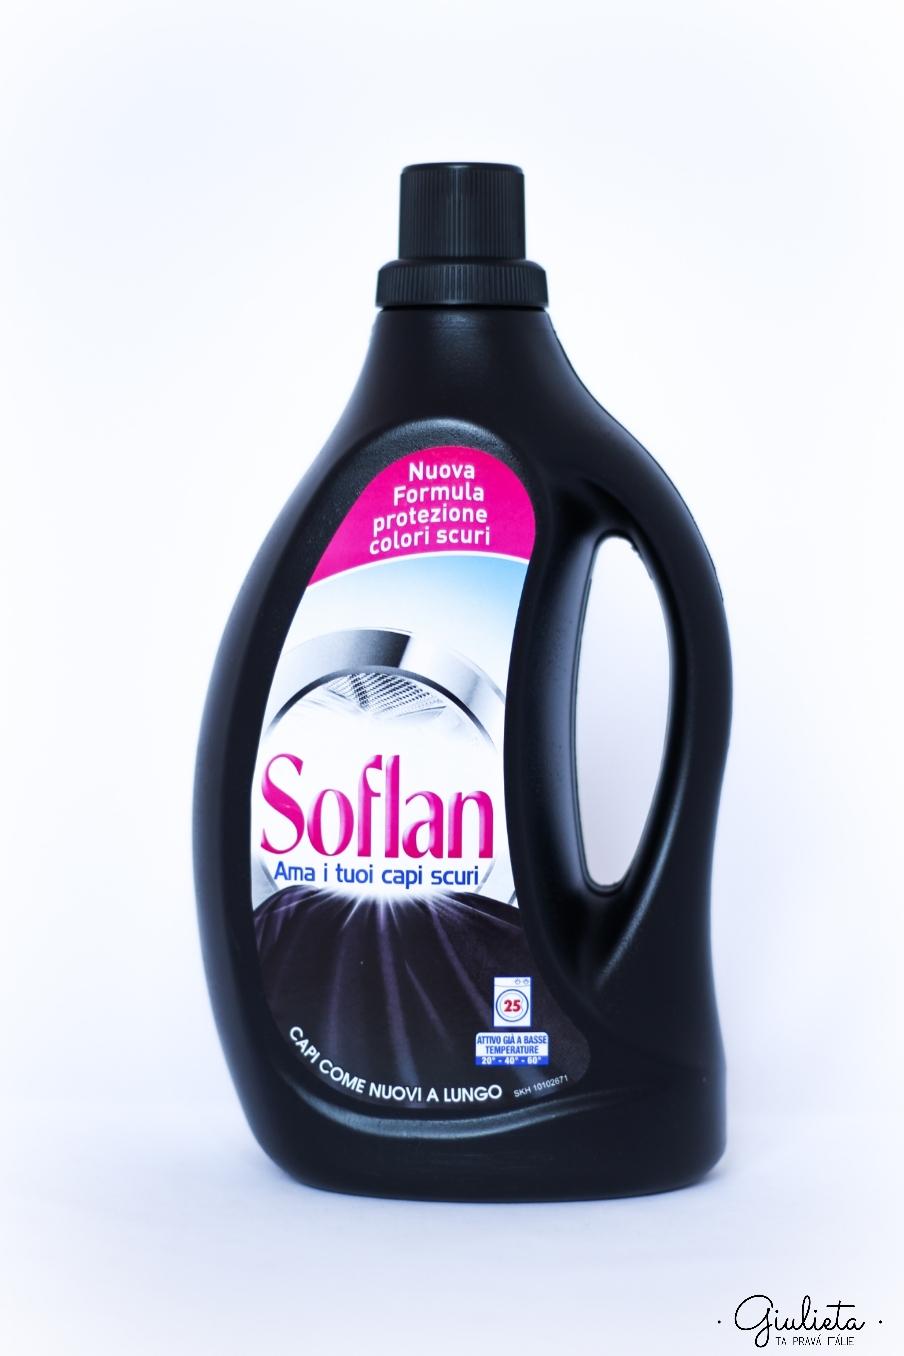 Soflan tekutý prací gel Capi Scuri, 25 pracích dávek